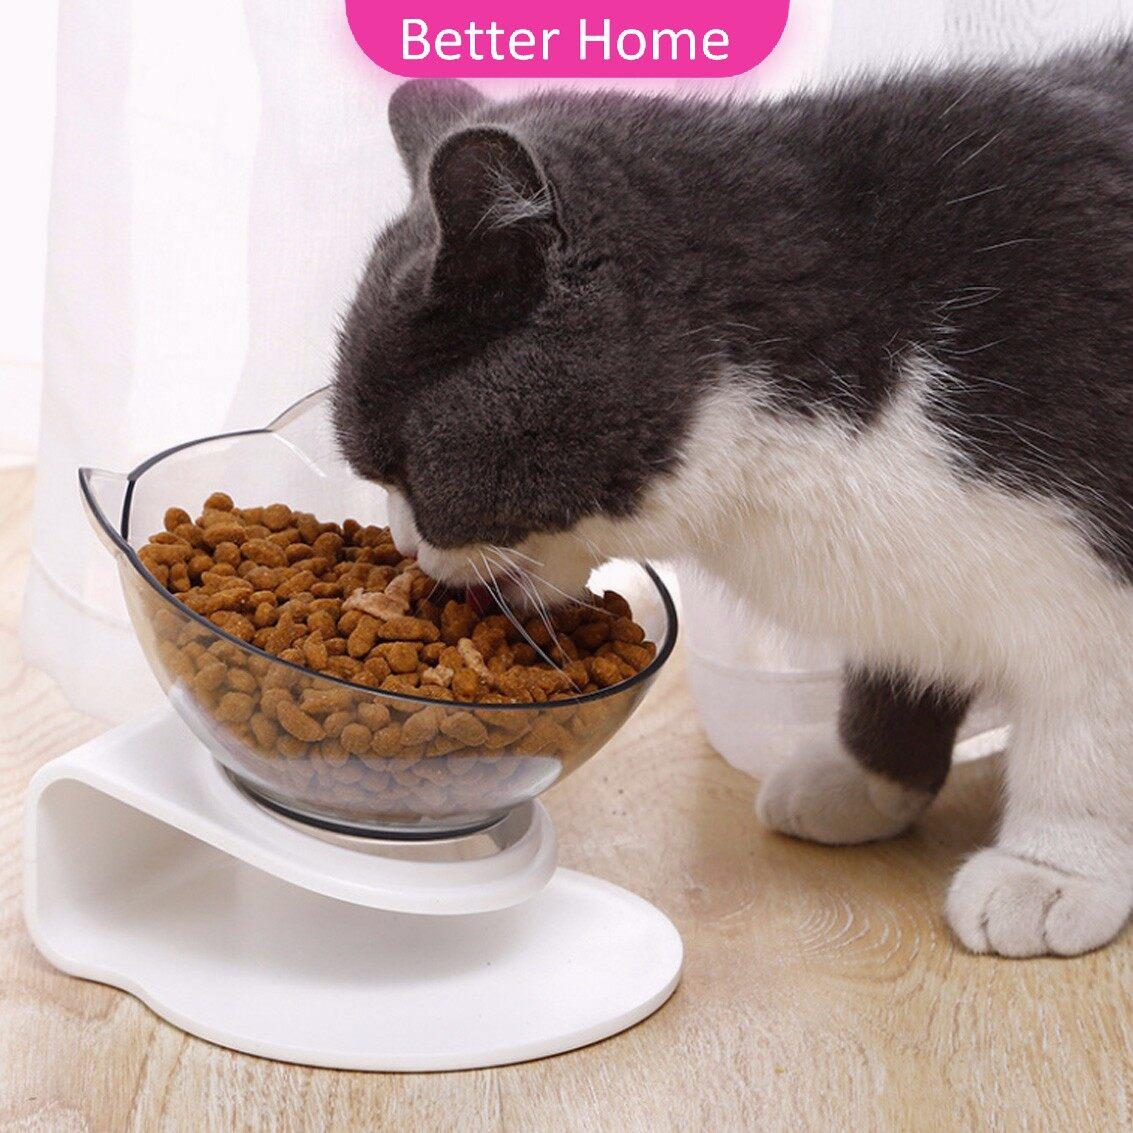 ชามอาหารสัตว์เลี้ยง แบบคู่/แบบเดี่ยว อุปกรณ์สัตว์เลี้ยง Pet Bowl.